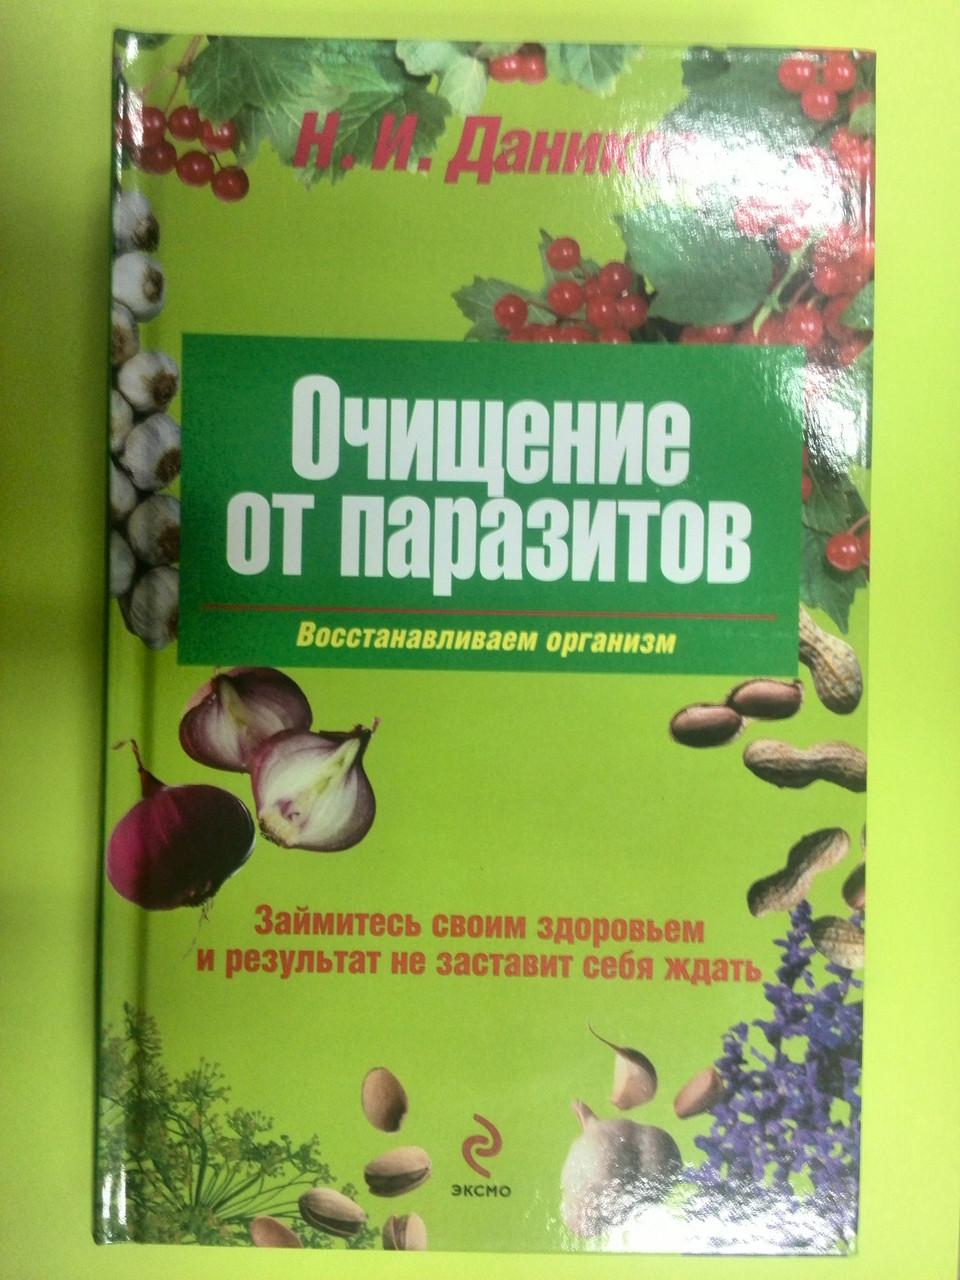 очищение от паразитов по семеновой